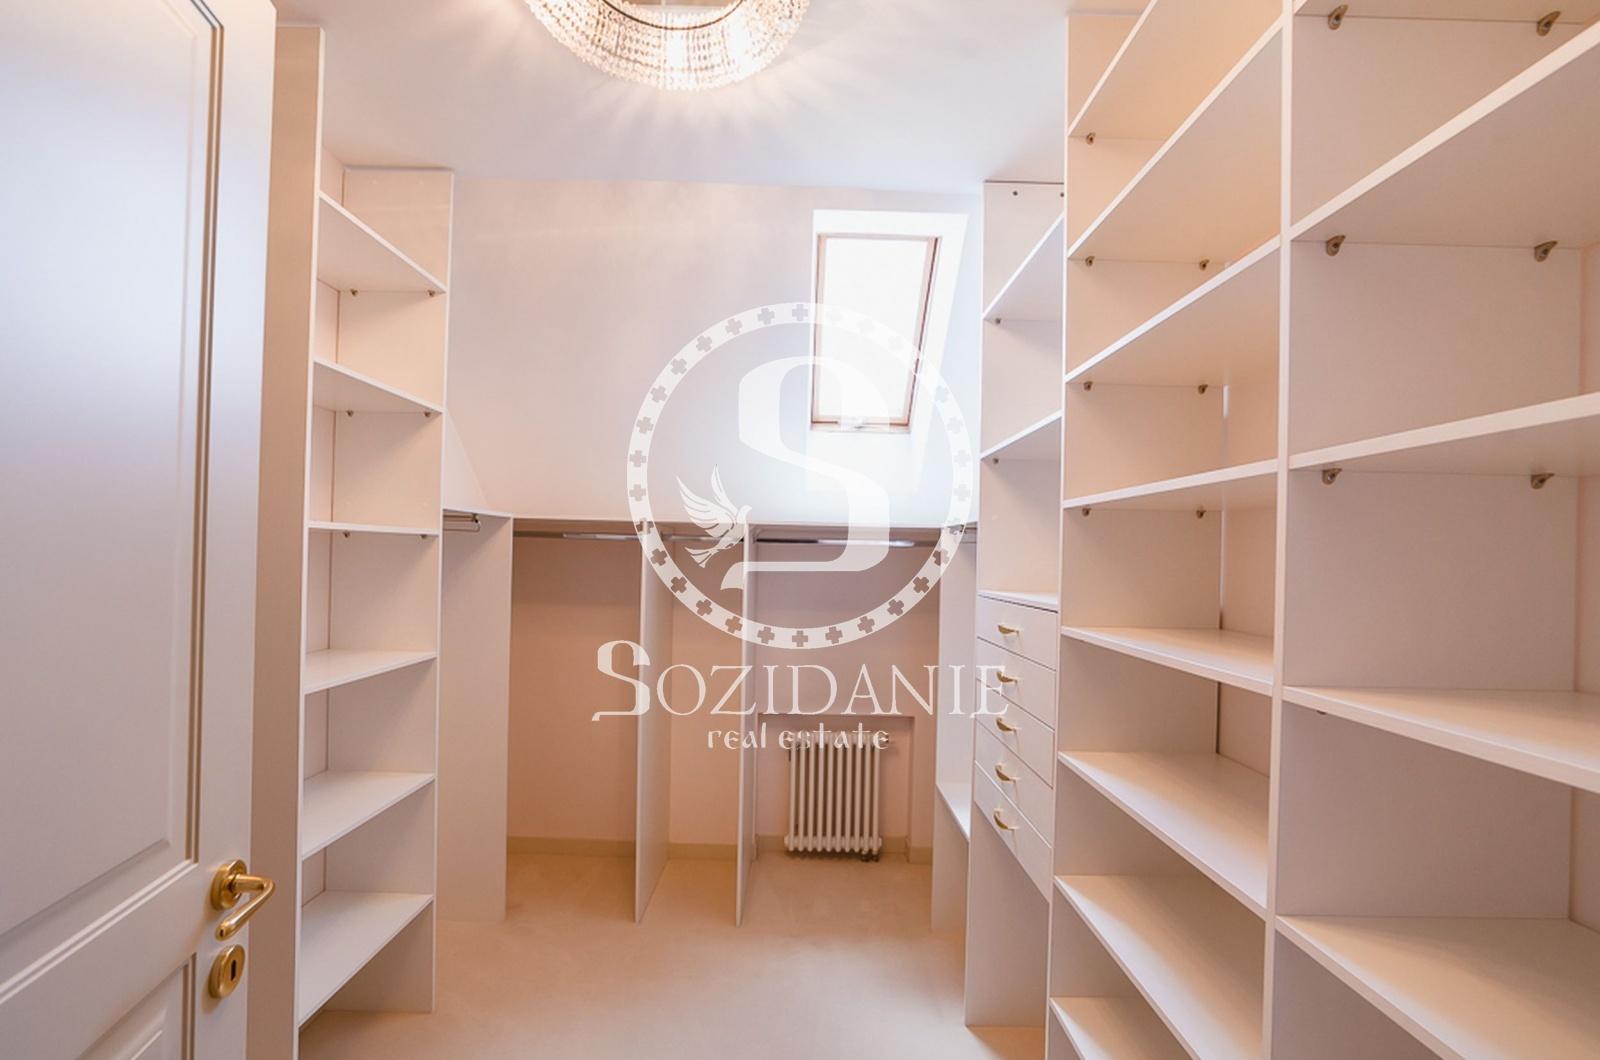 4 Bedrooms, Загородная, Аренда, Listing ID 1109, Московская область, Россия,